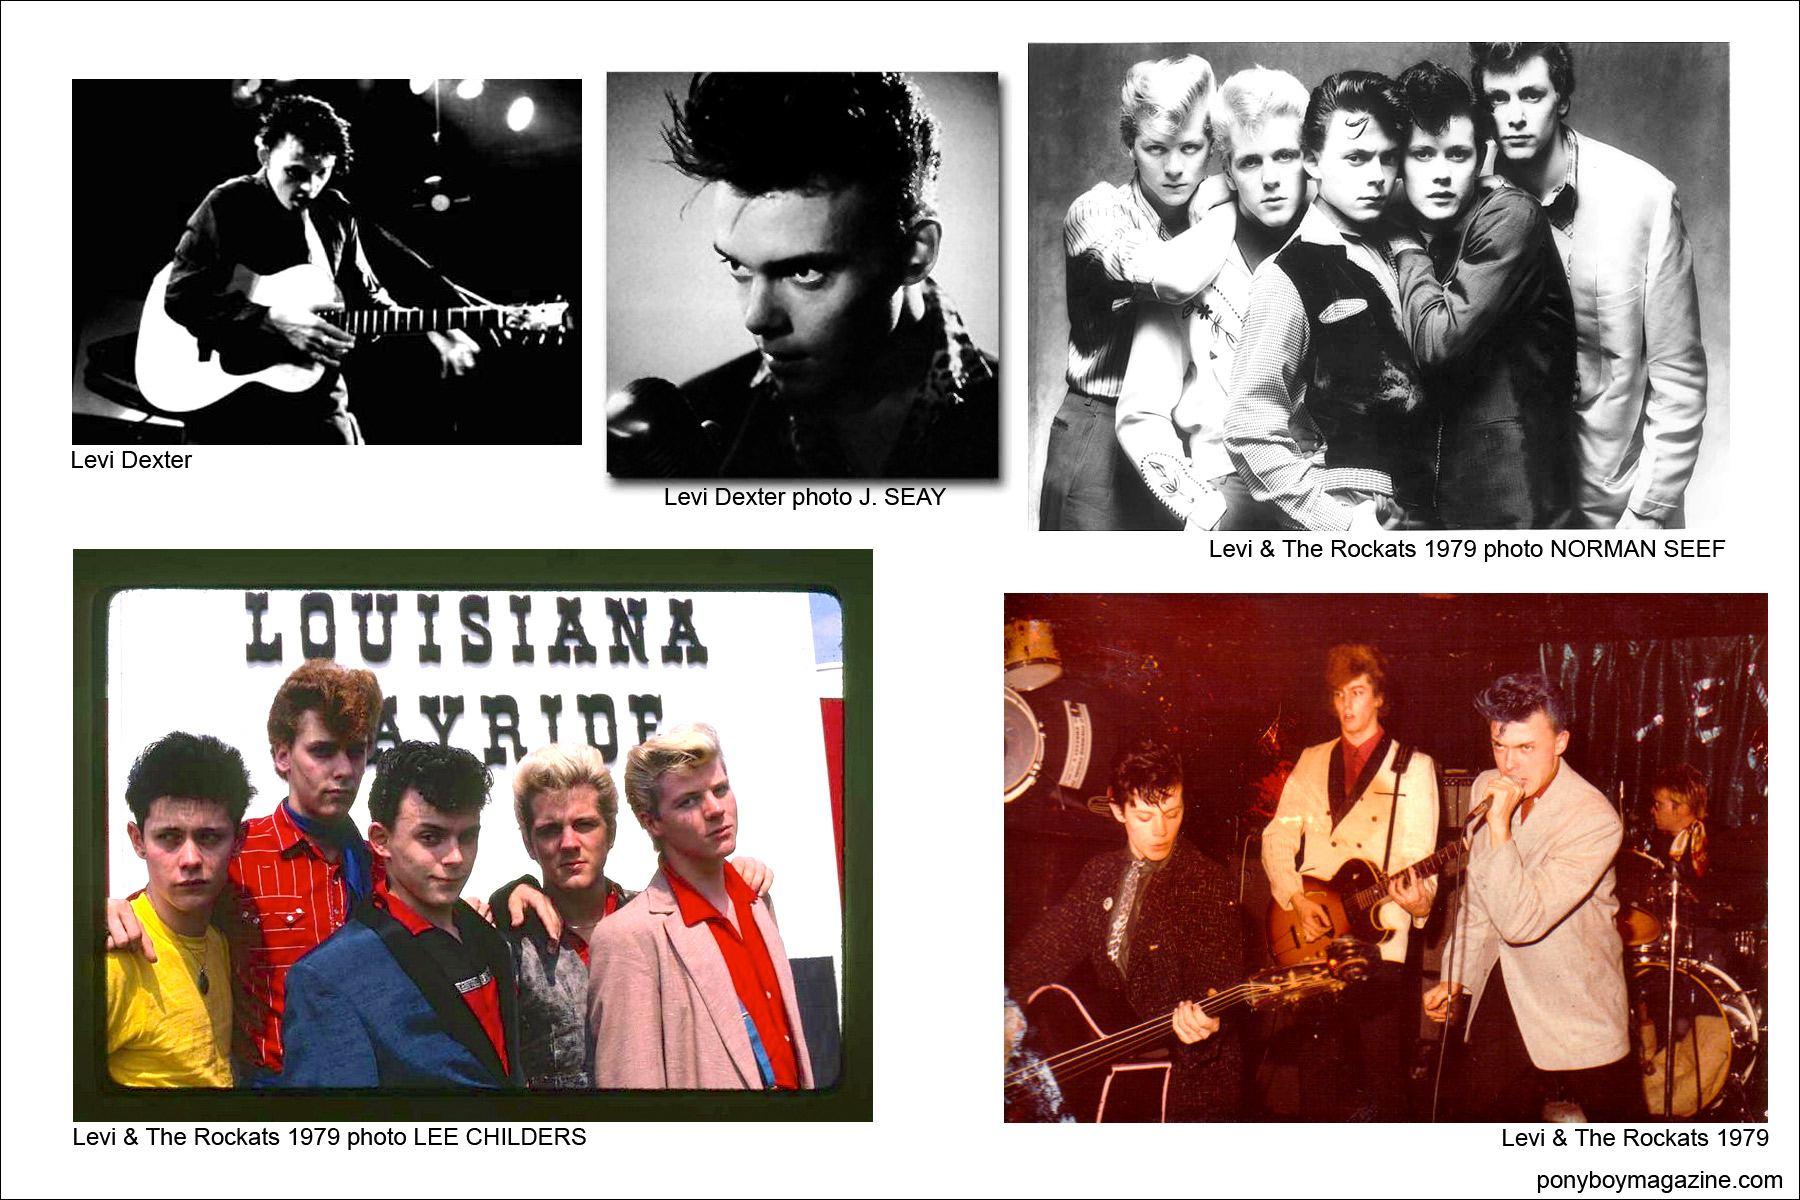 Various photos of Levi Dexter, Levi & The Rockats for Ponyboy Magazine.